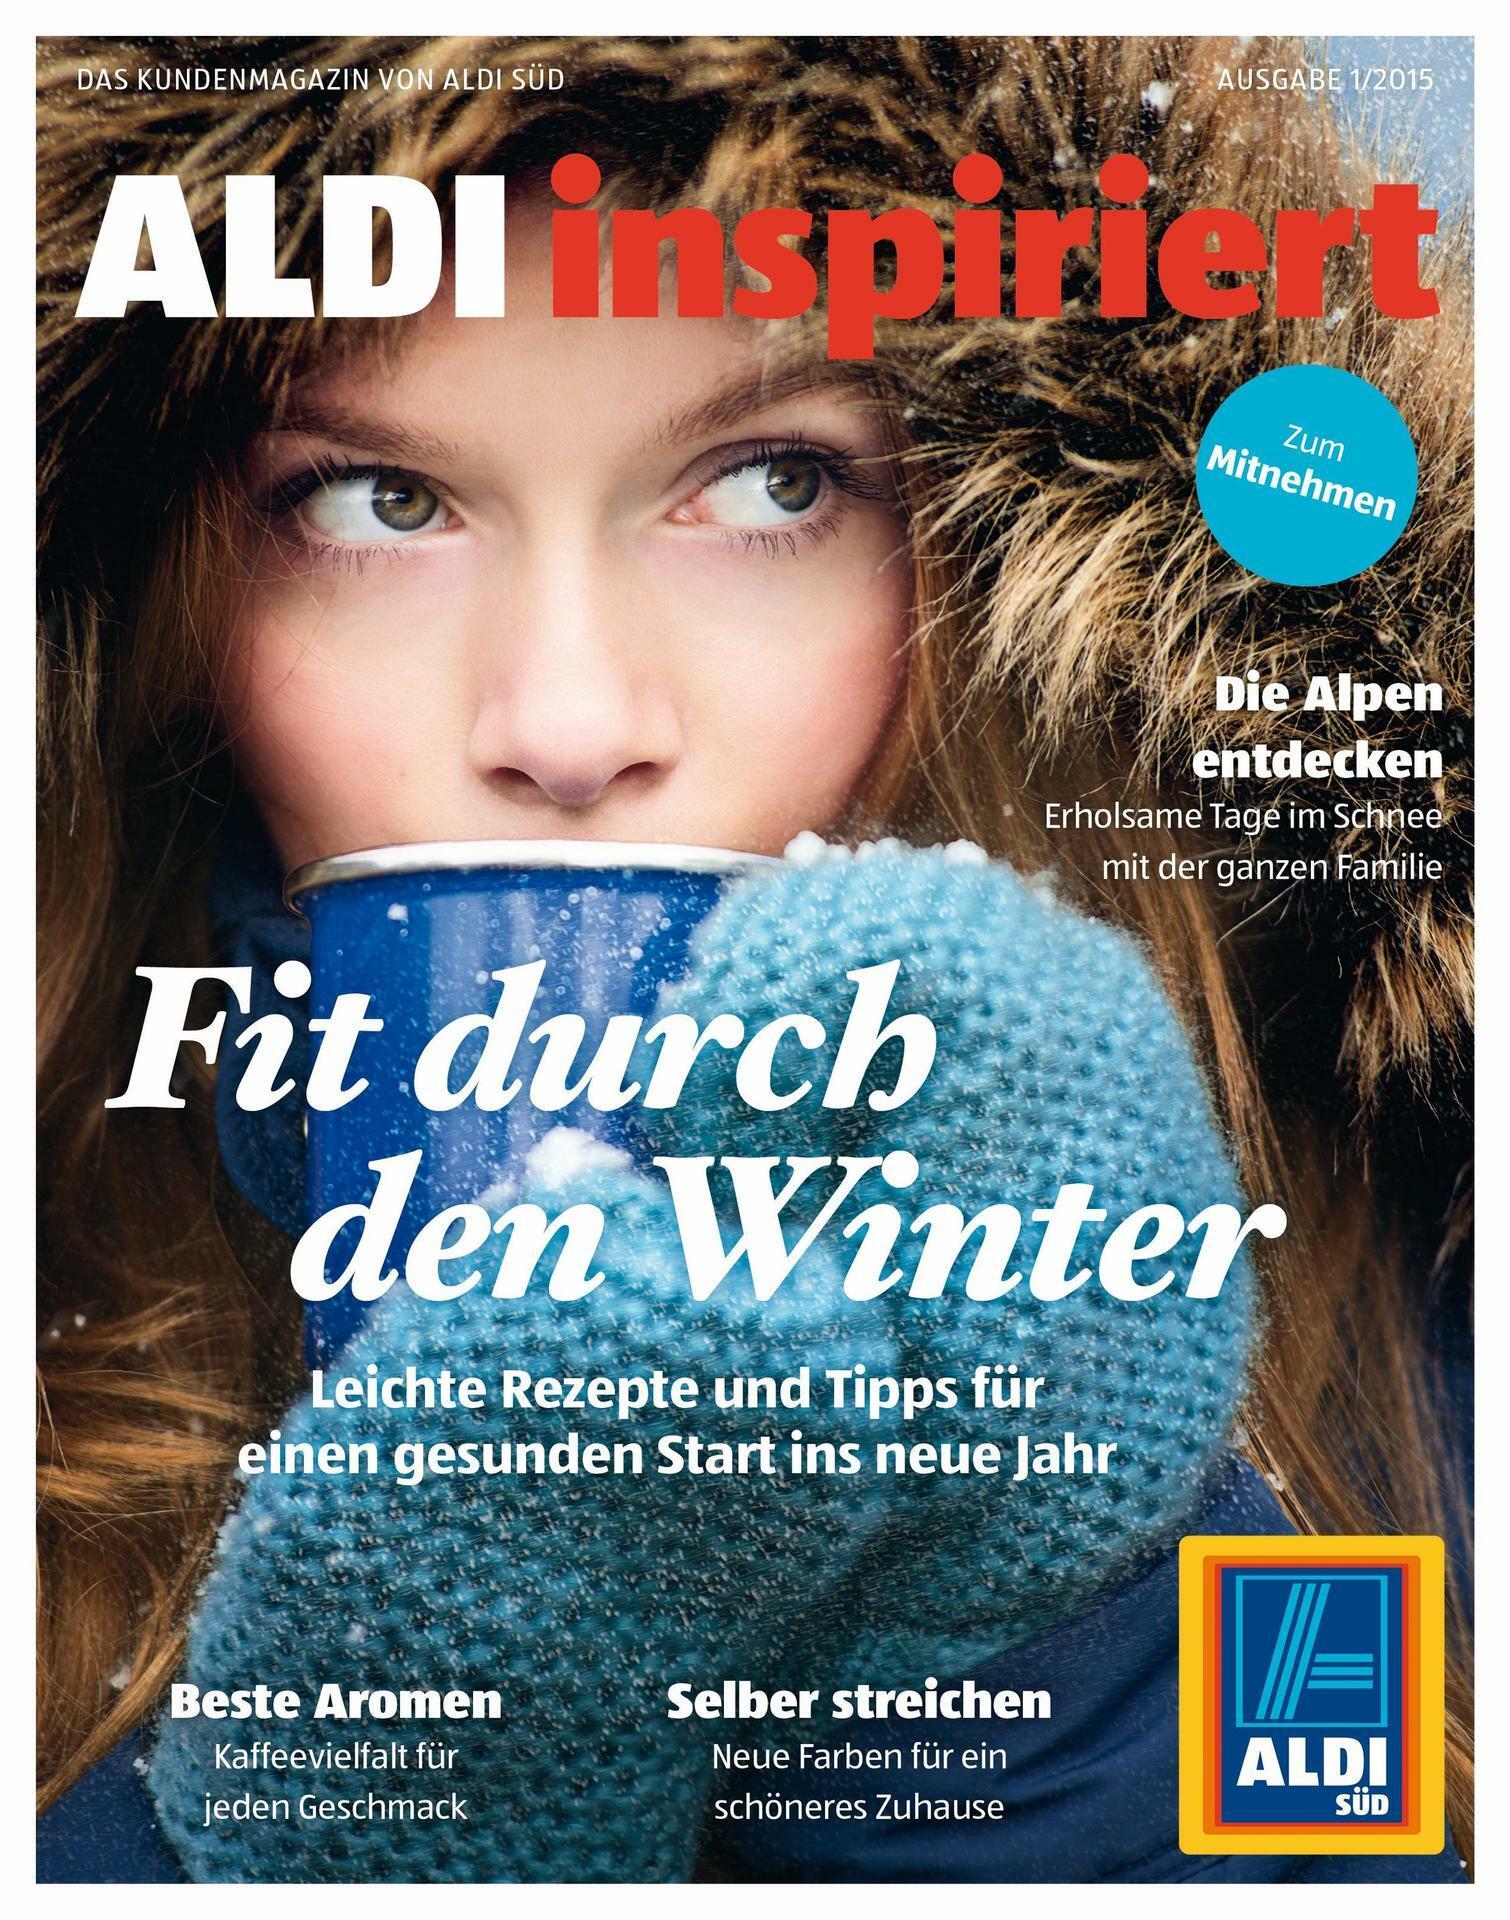 """Kundenmagazin """"Aldi inspiriert"""": Aldi macht auf Lifestyle"""